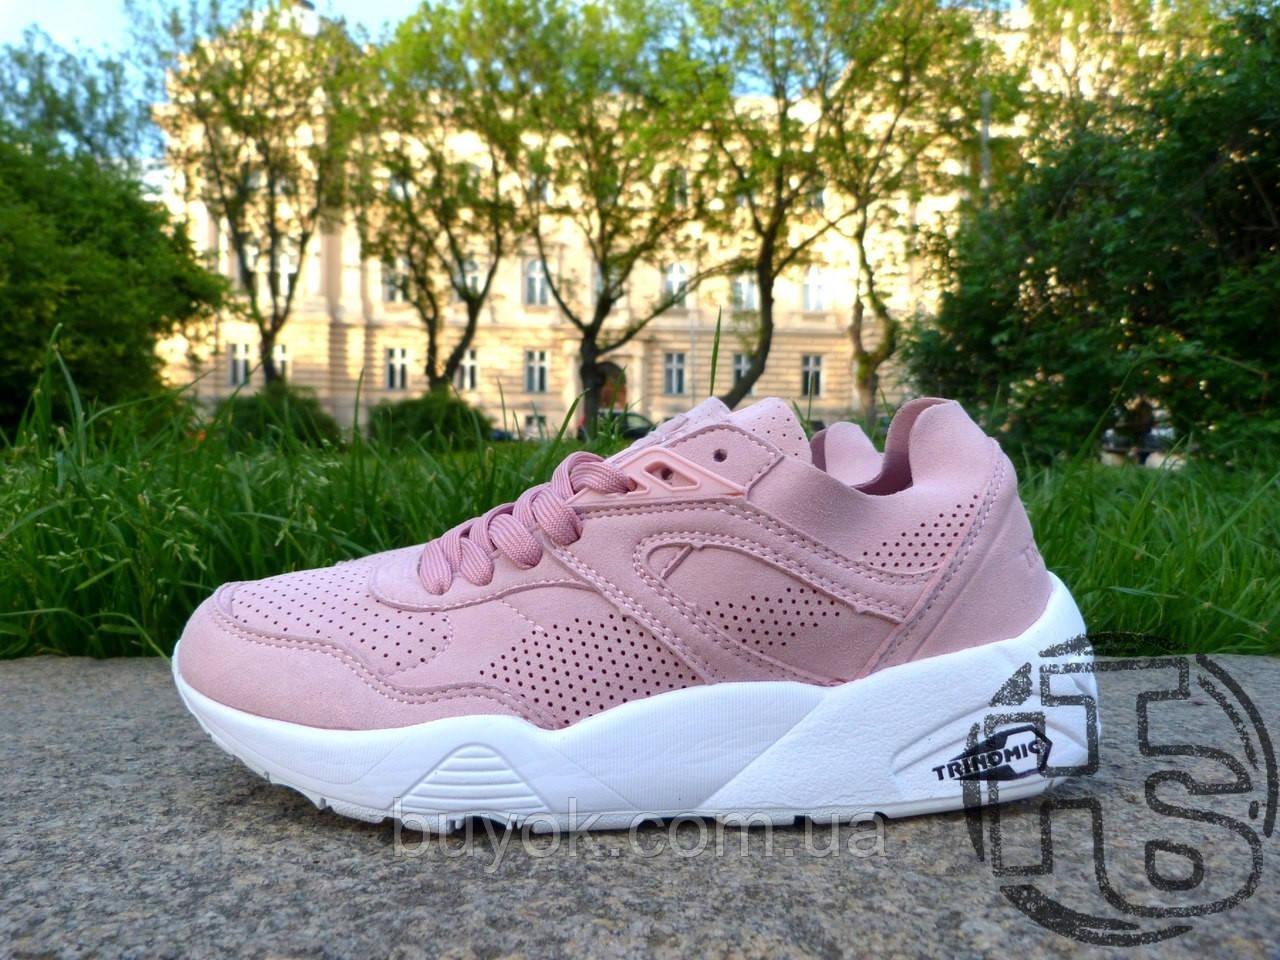 Жіночі кросівки Puma Trinomic R698 Soft Pack Pink 360104-04